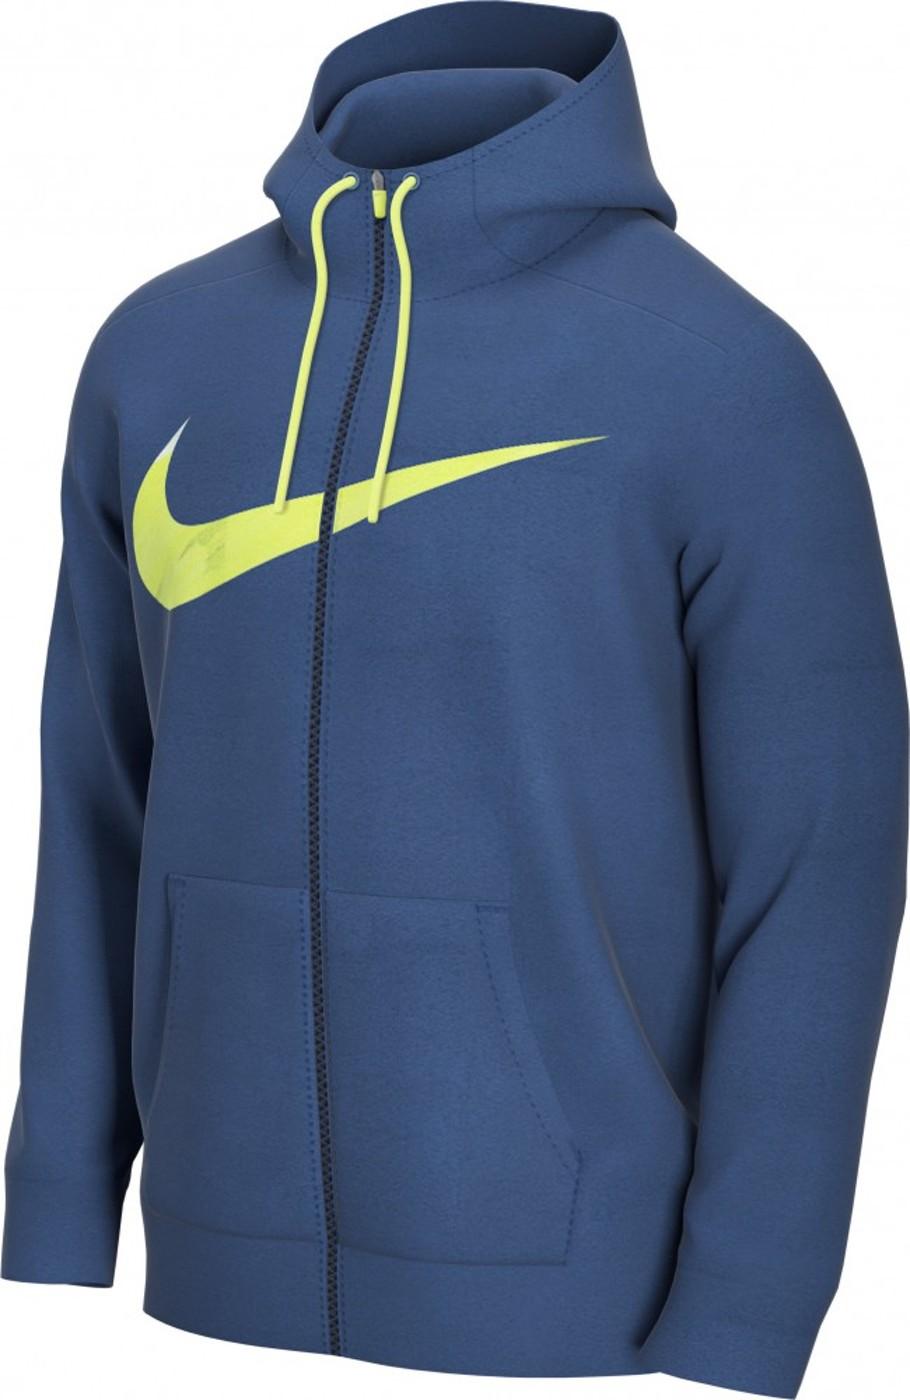 Nike Dri-FIT Sport Clash - Herren